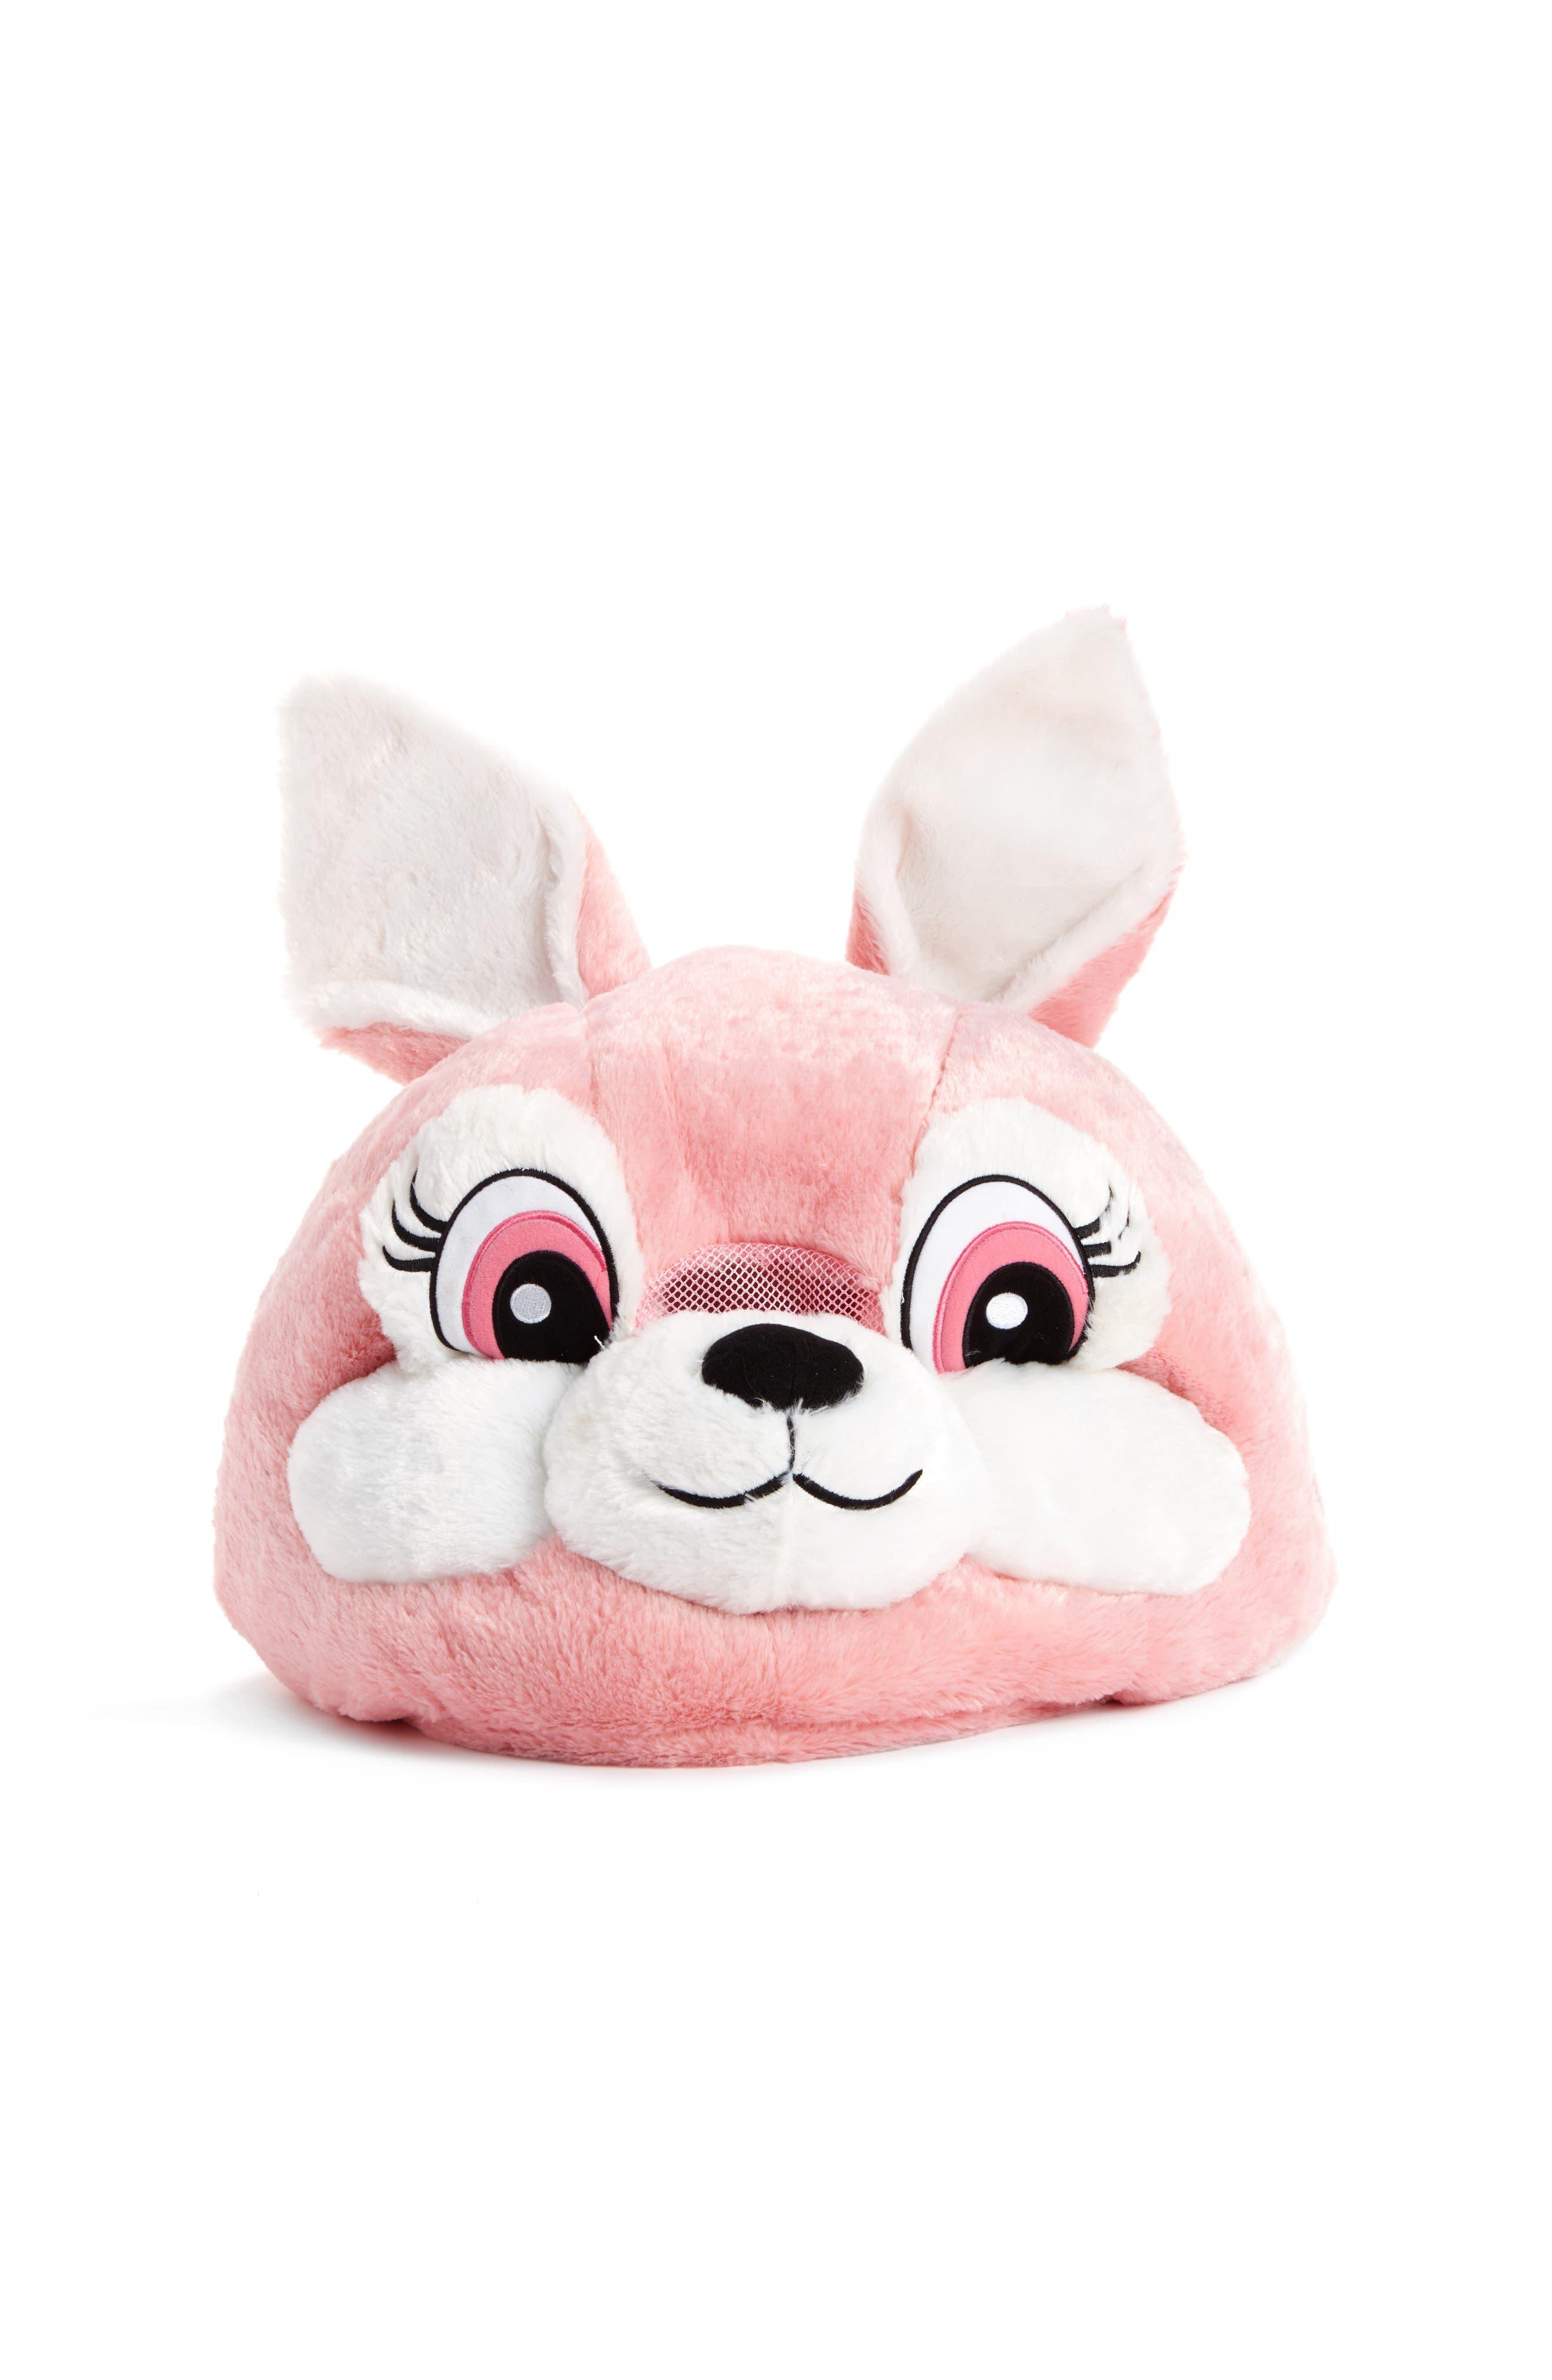 SAZAC Big Fat Head Rabbit Mascot Head